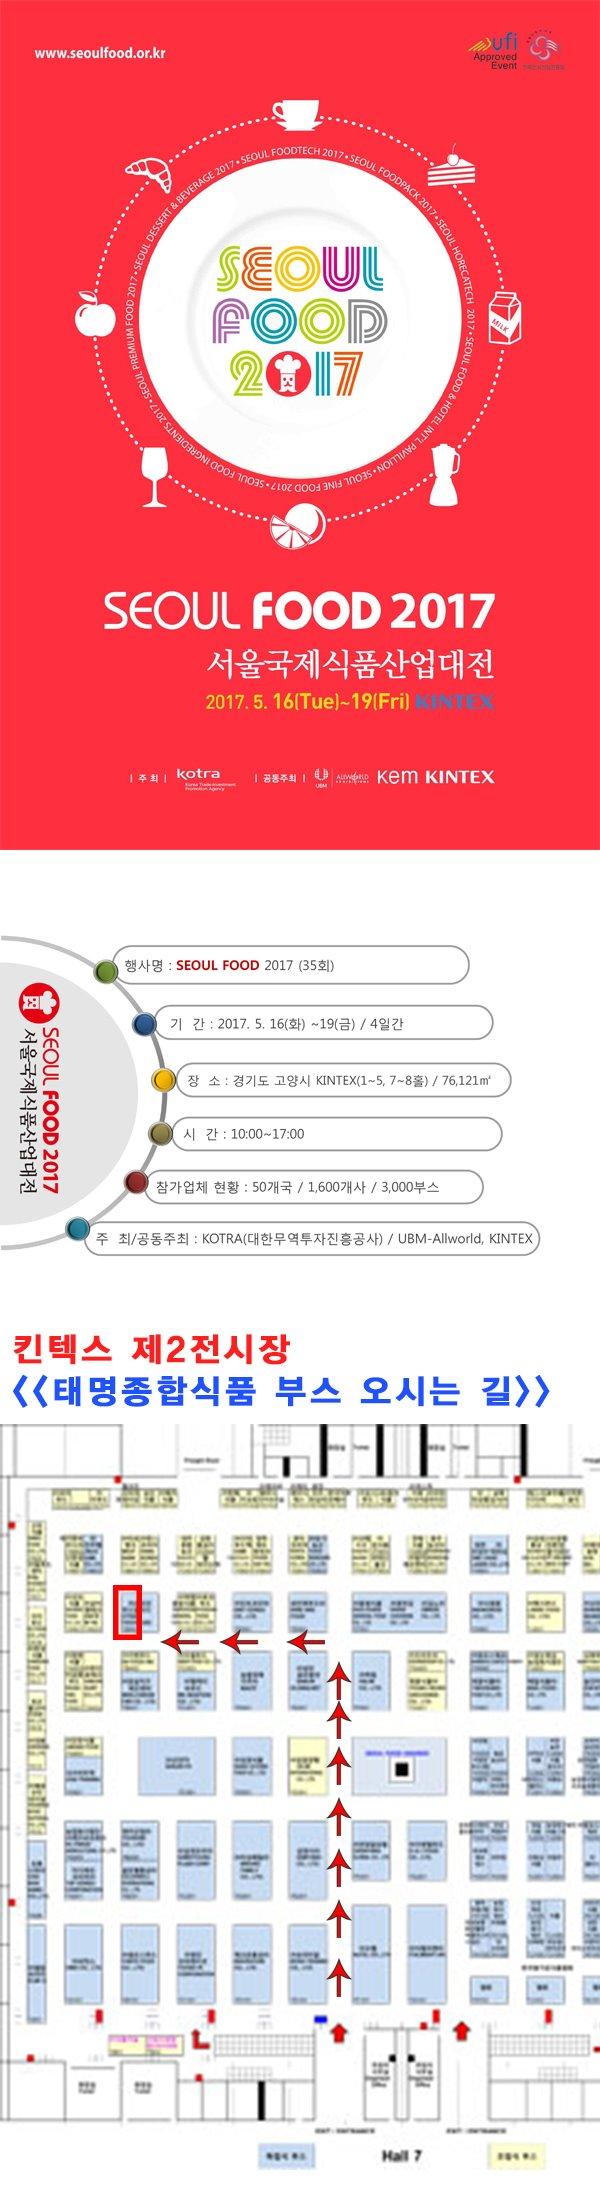 서울국제식품산업전시회 2017 게시물.jpg